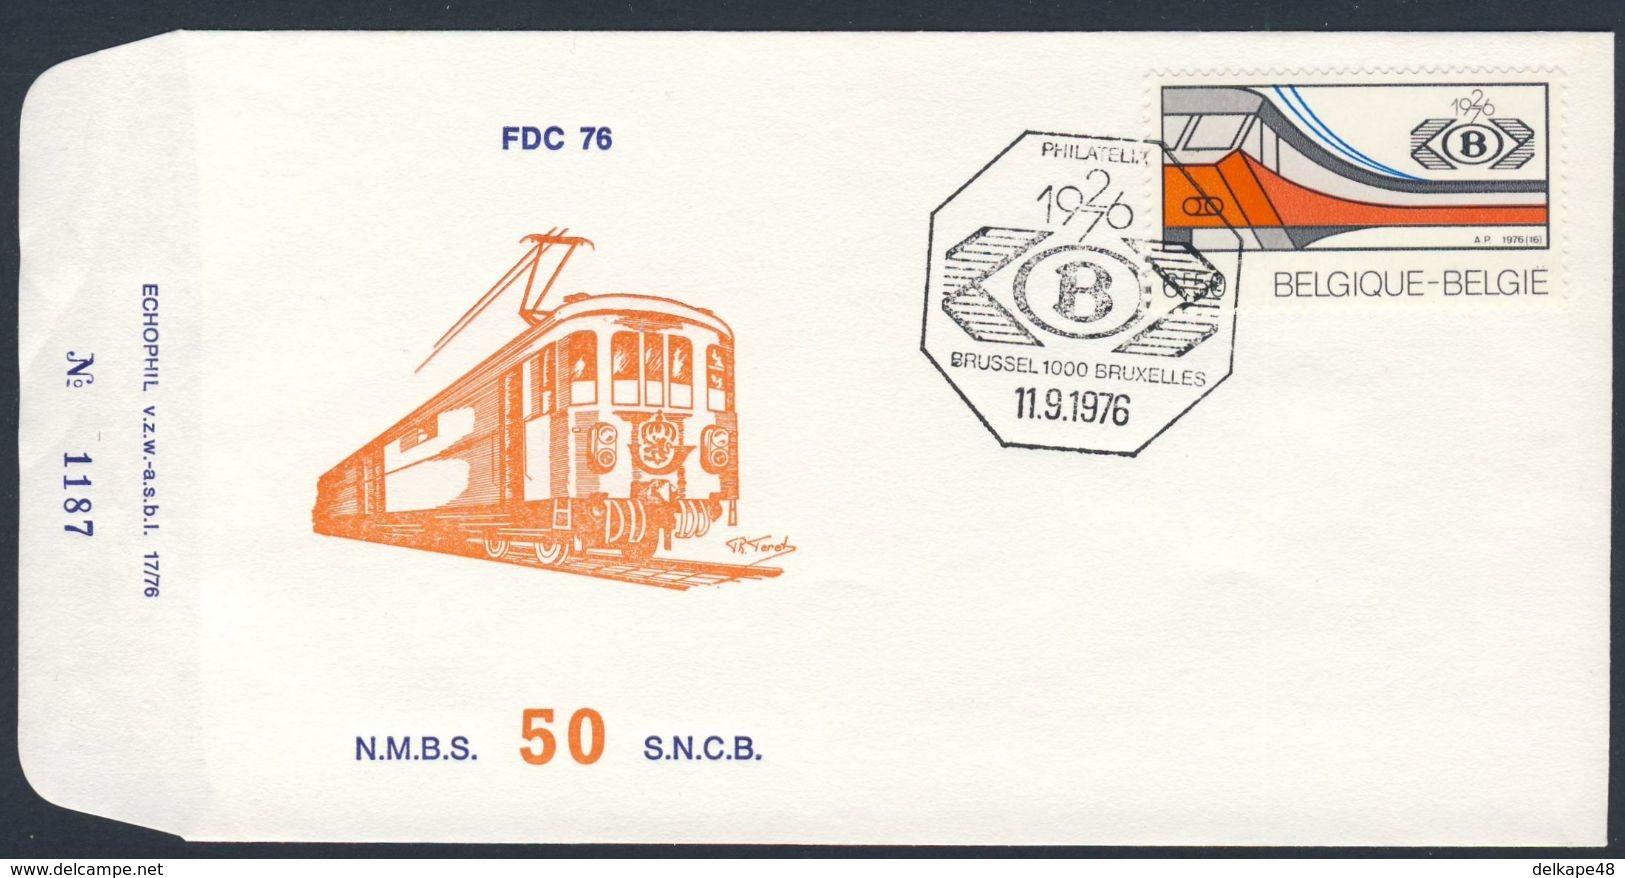 Belgie Belgique Belgium 1976 FDC + Mi 1877 YT 1819 - 50. Ann. Sociéte Nationale Chemins De Fer Belges - SNCB / NMBS/ - Treinen